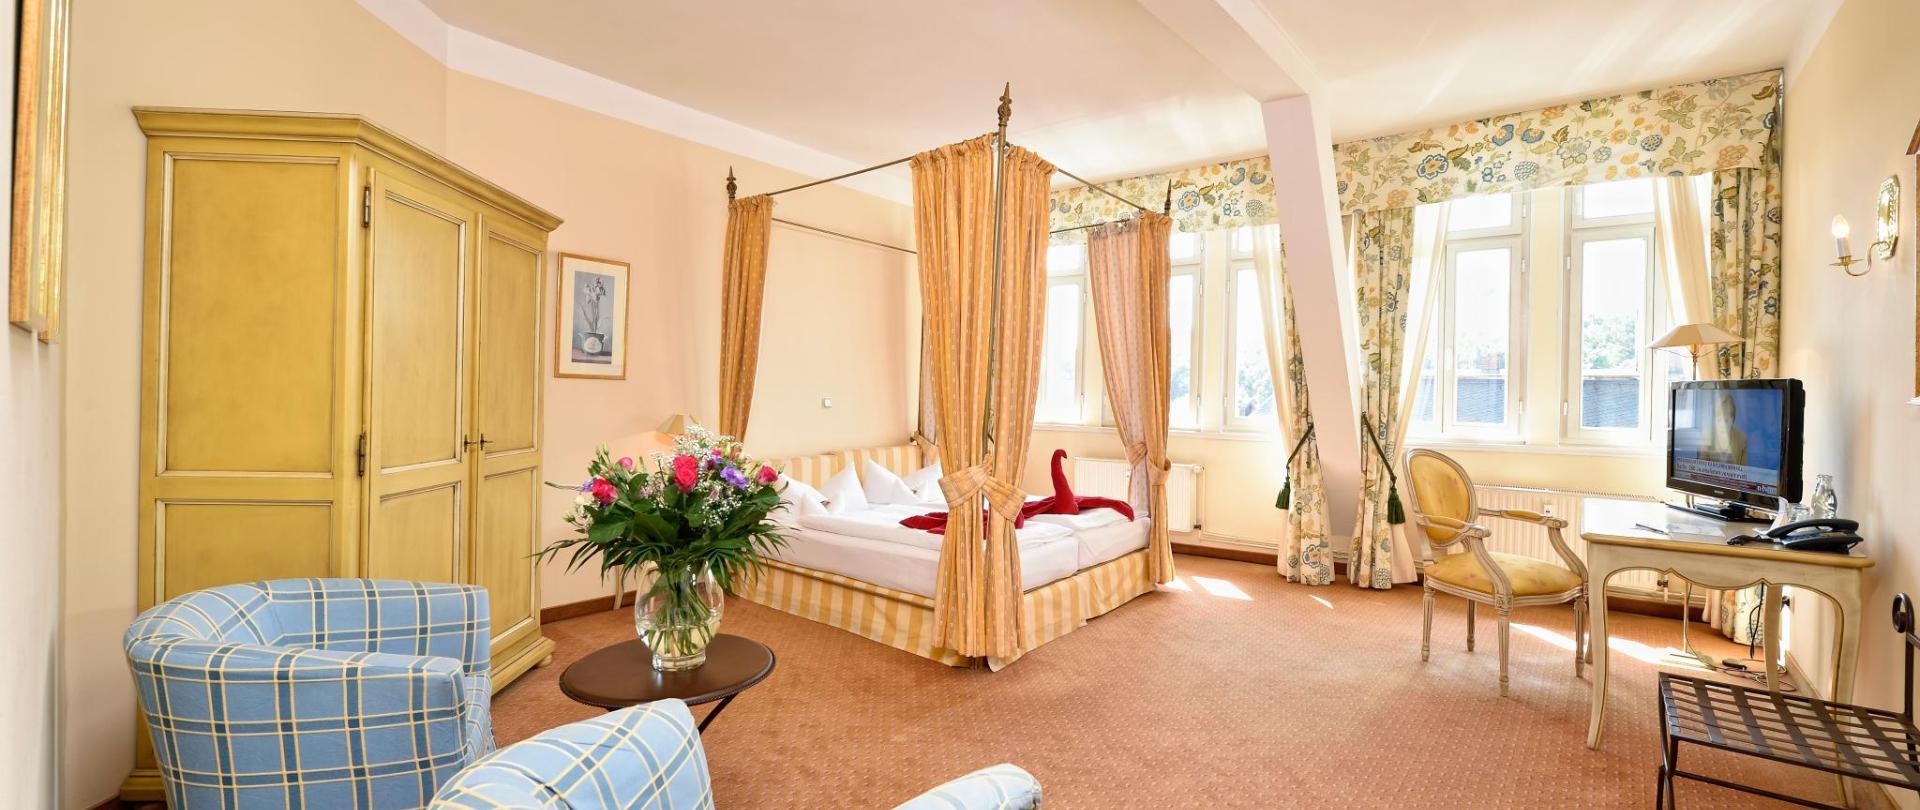 Hotel_GvM_033.jpg